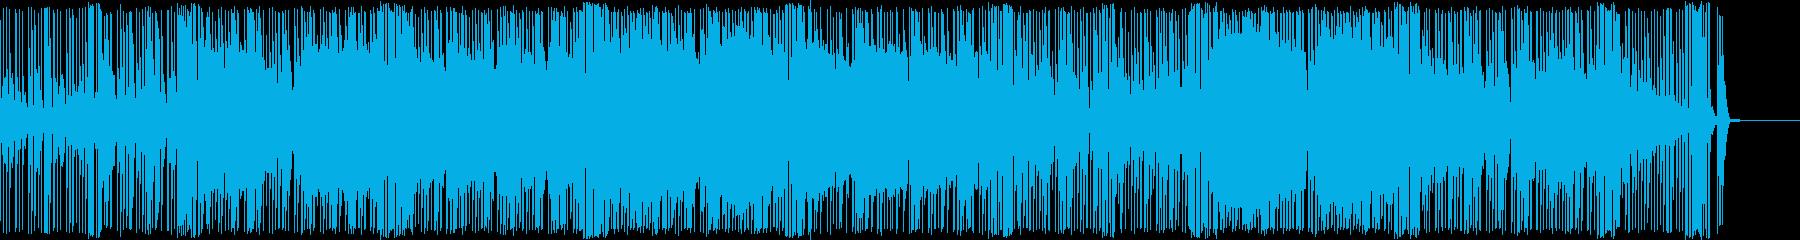 ほのぼのした明るいポップス曲の再生済みの波形